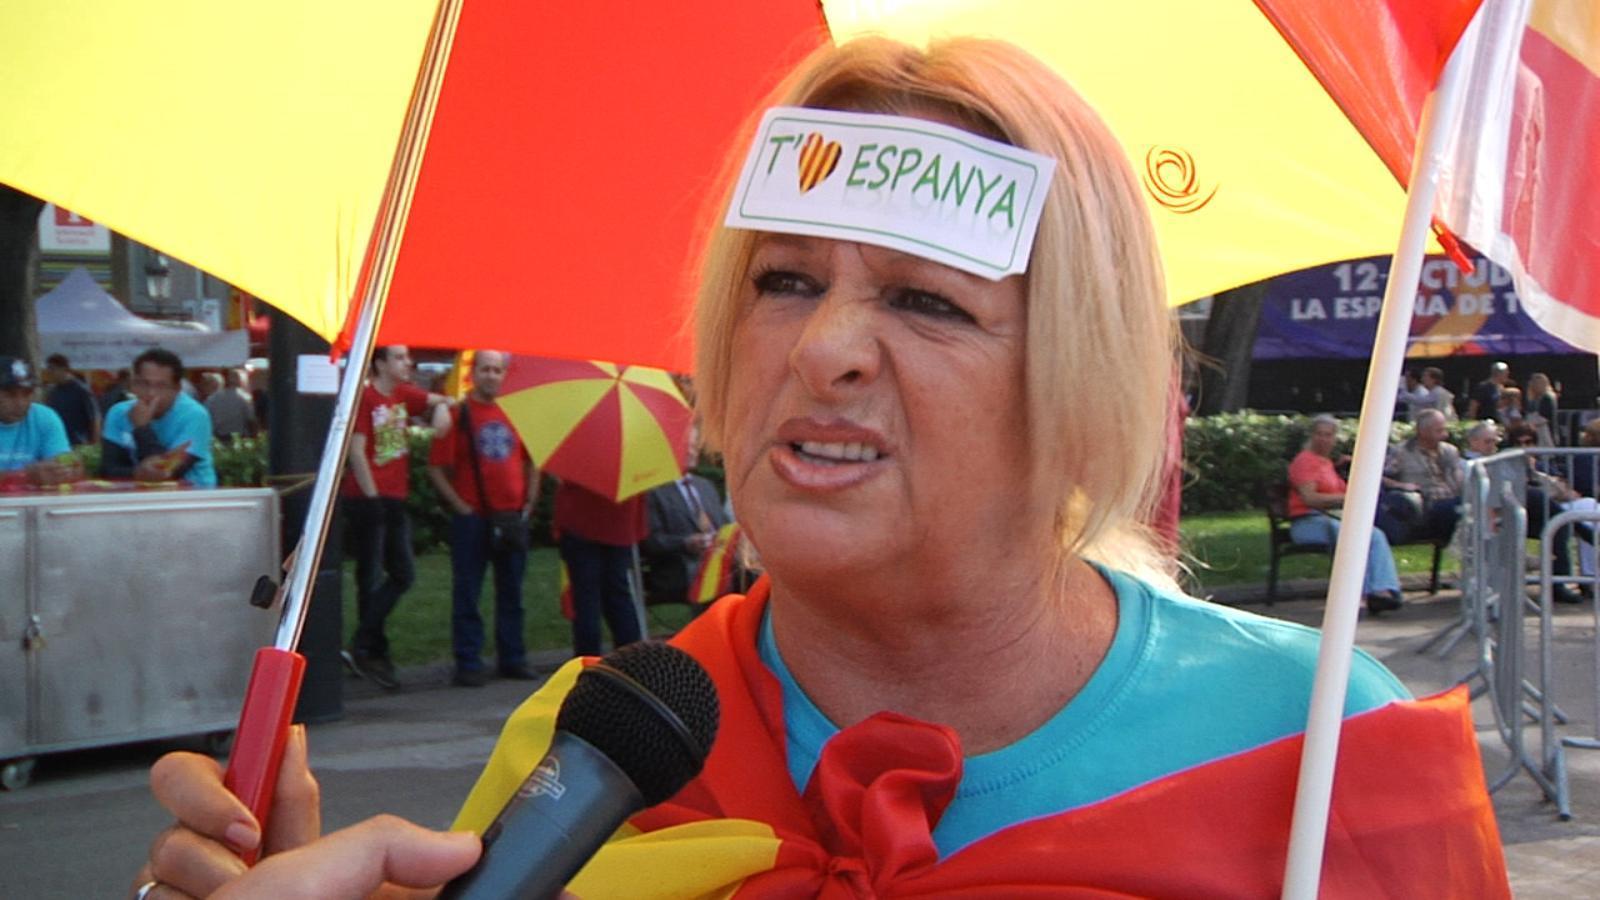 Els manifestants contra la independència expliquen per què no volen que es voti